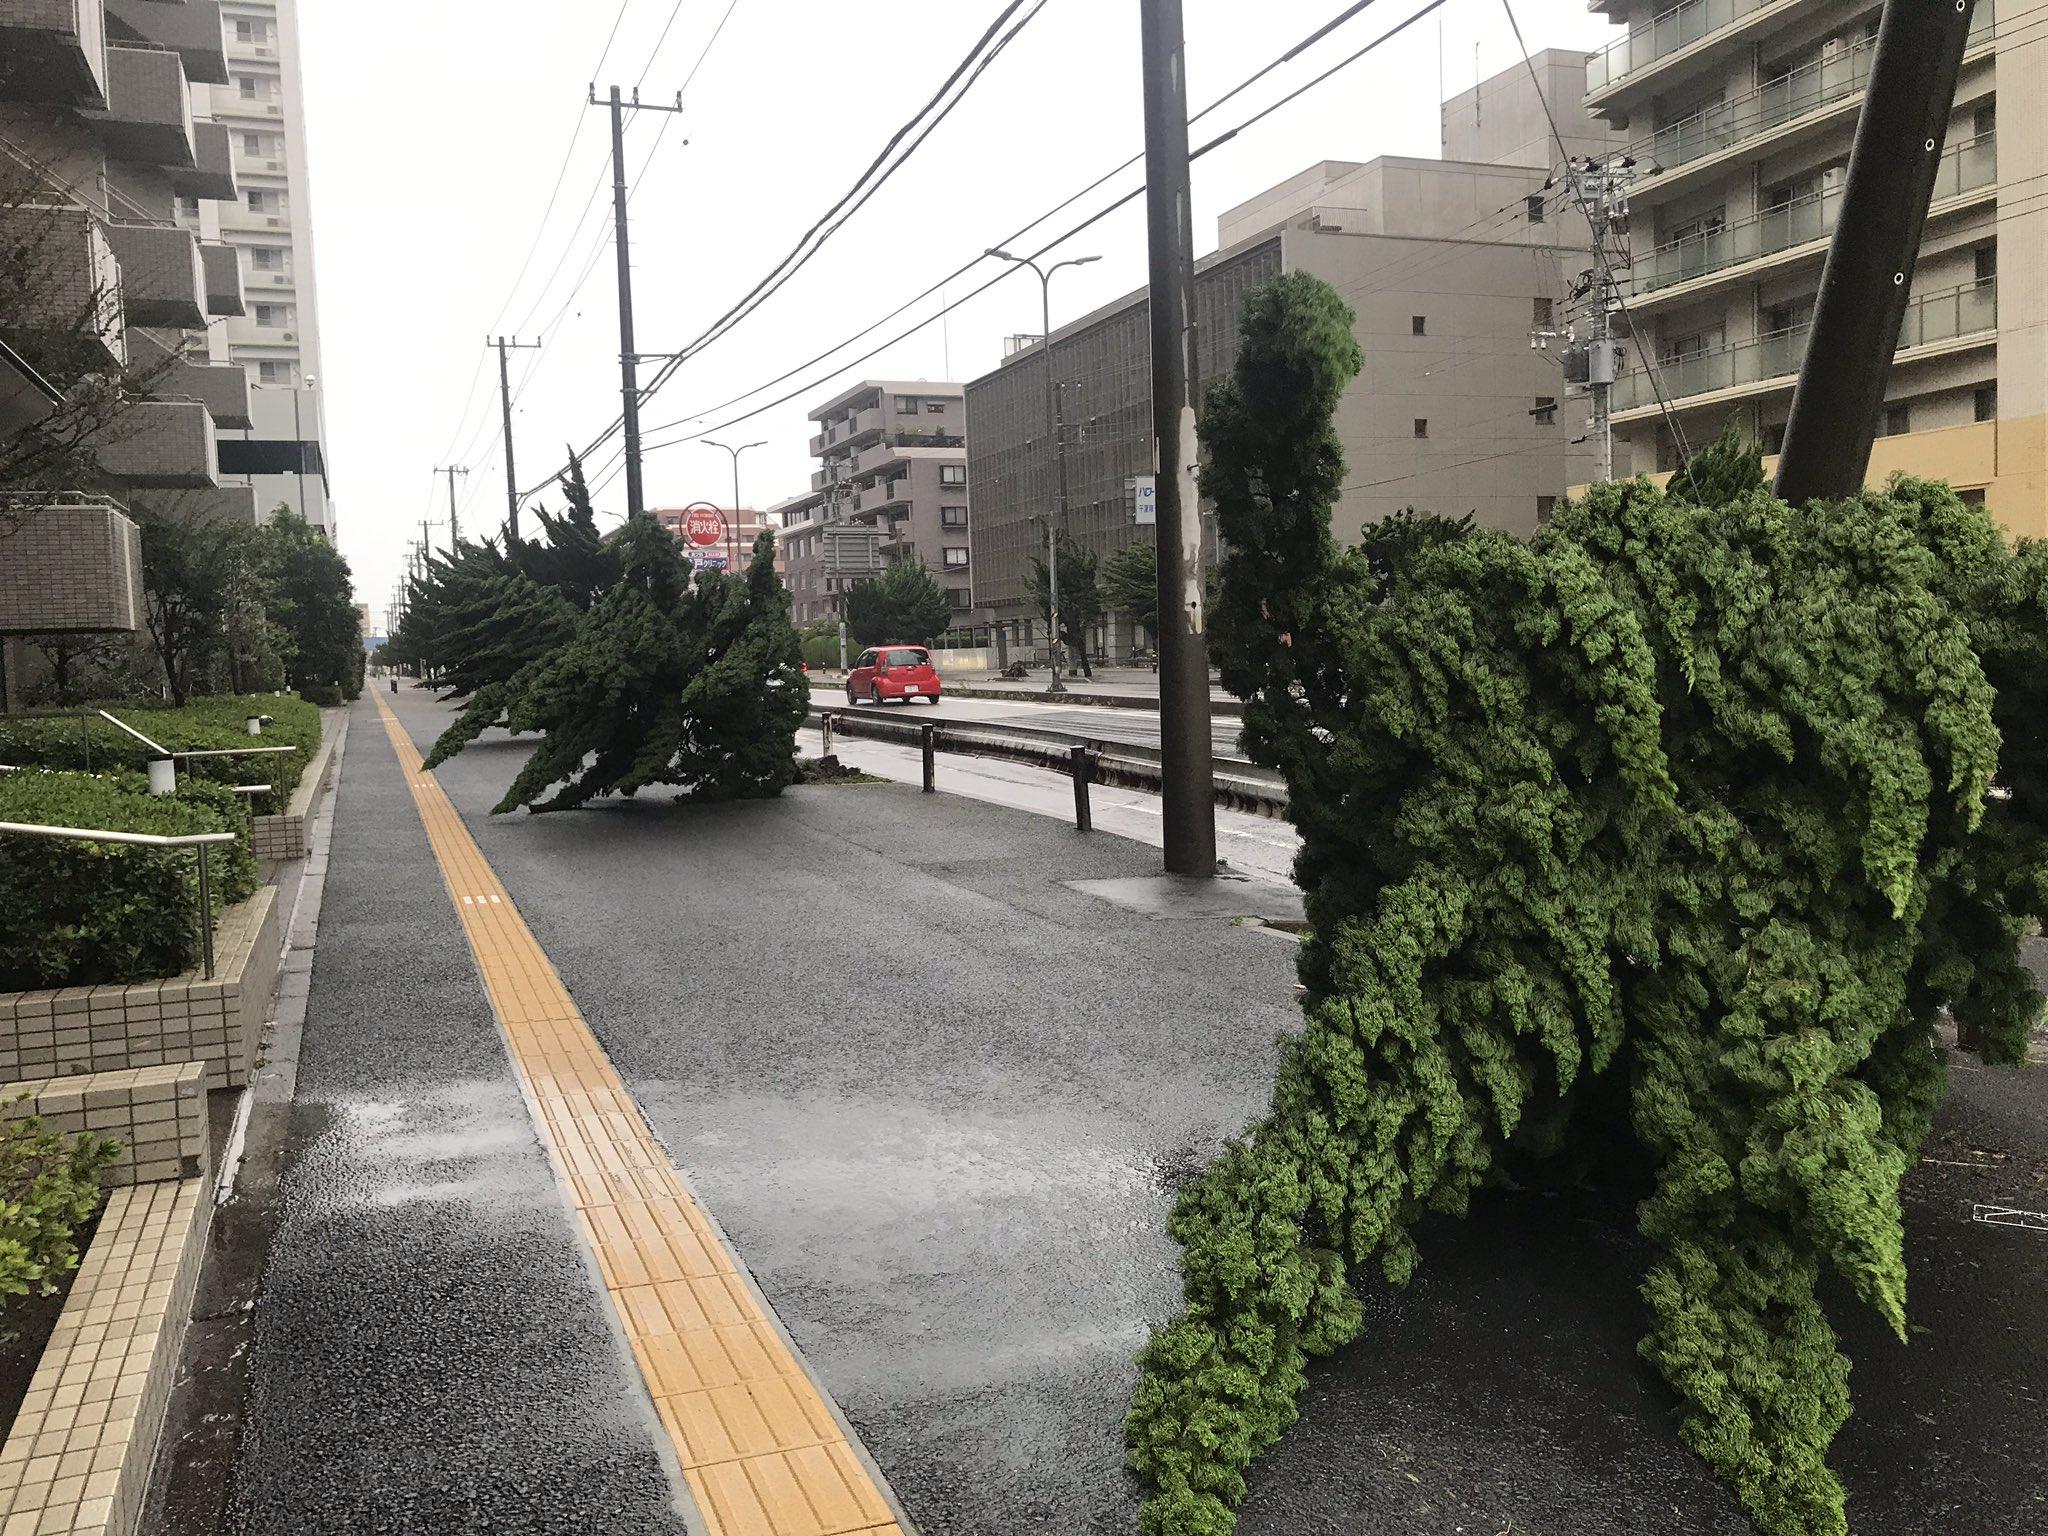 画像,台風被害情報 千葉市 https://t.co/wU1vY0tjxv。